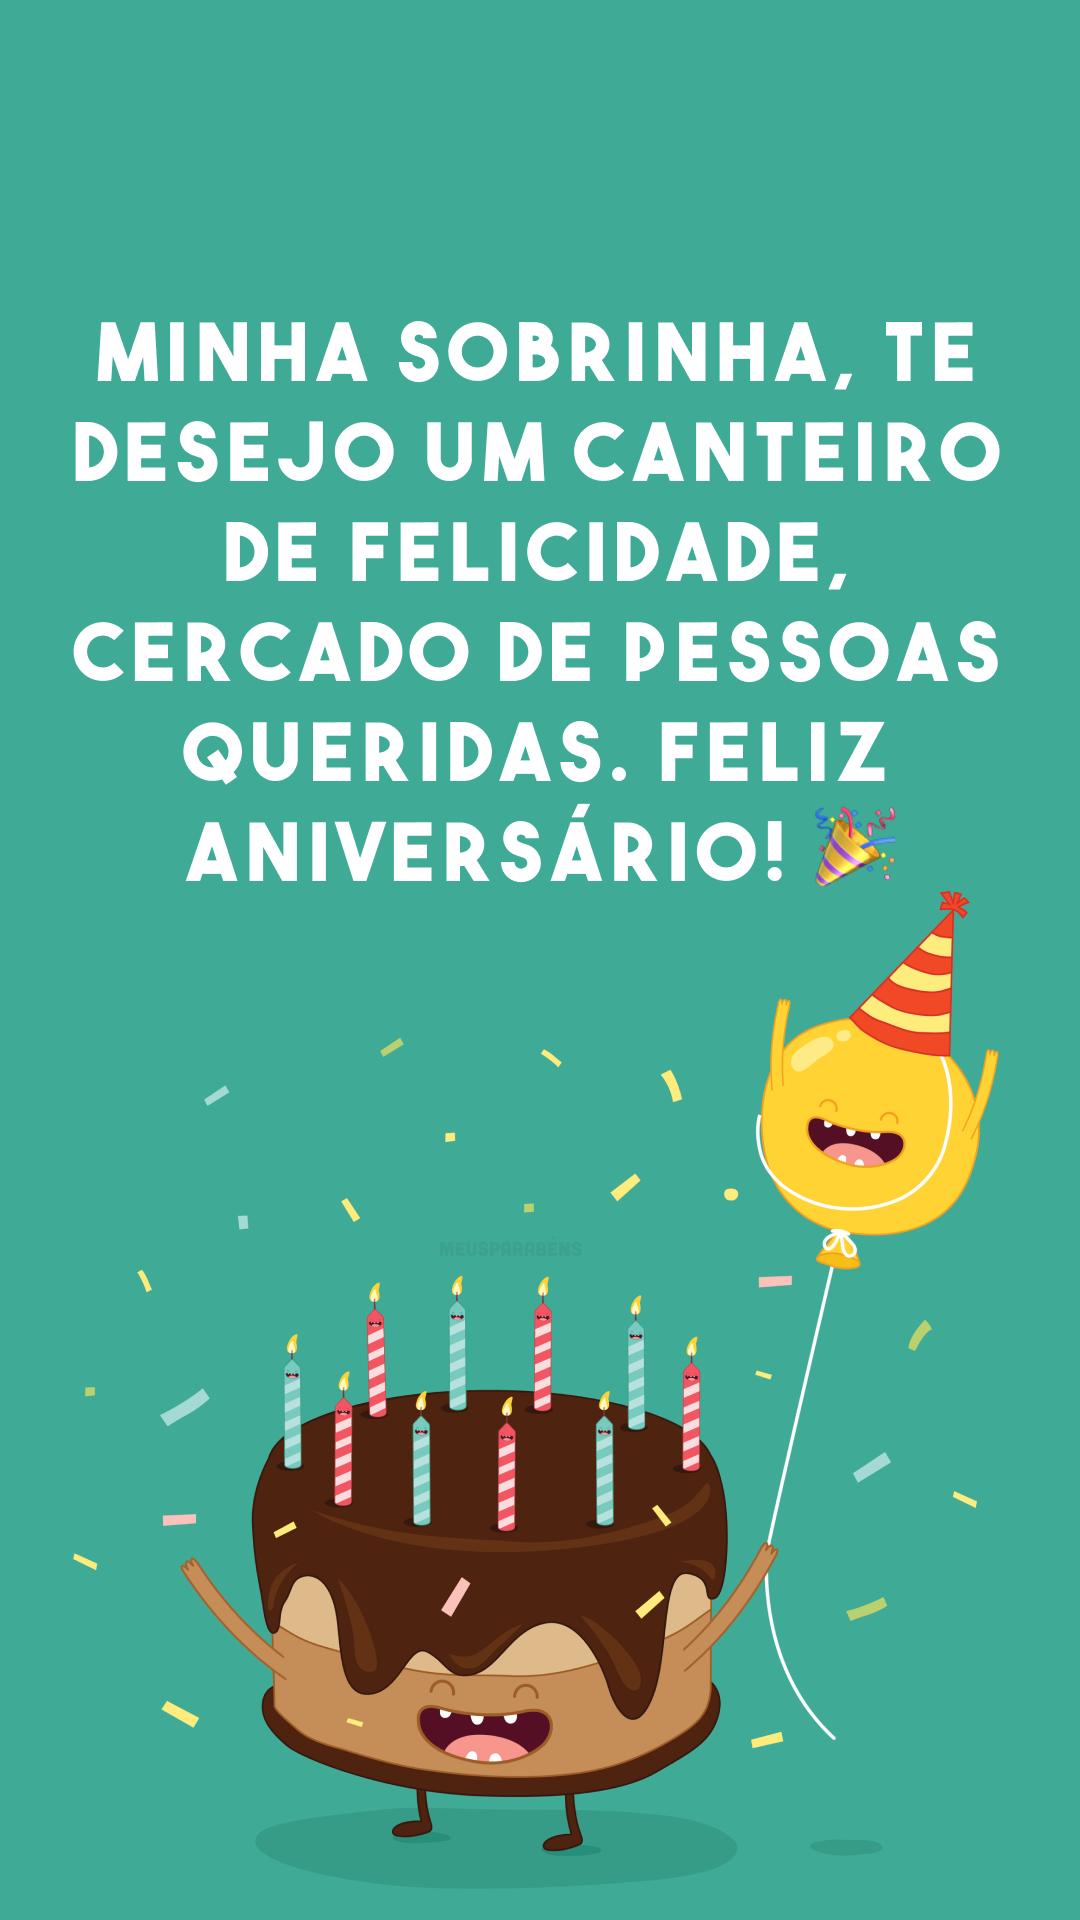 Minha sobrinha, te desejo um canteiro de felicidade, cercado de pessoas queridas. Feliz aniversário! 🎉